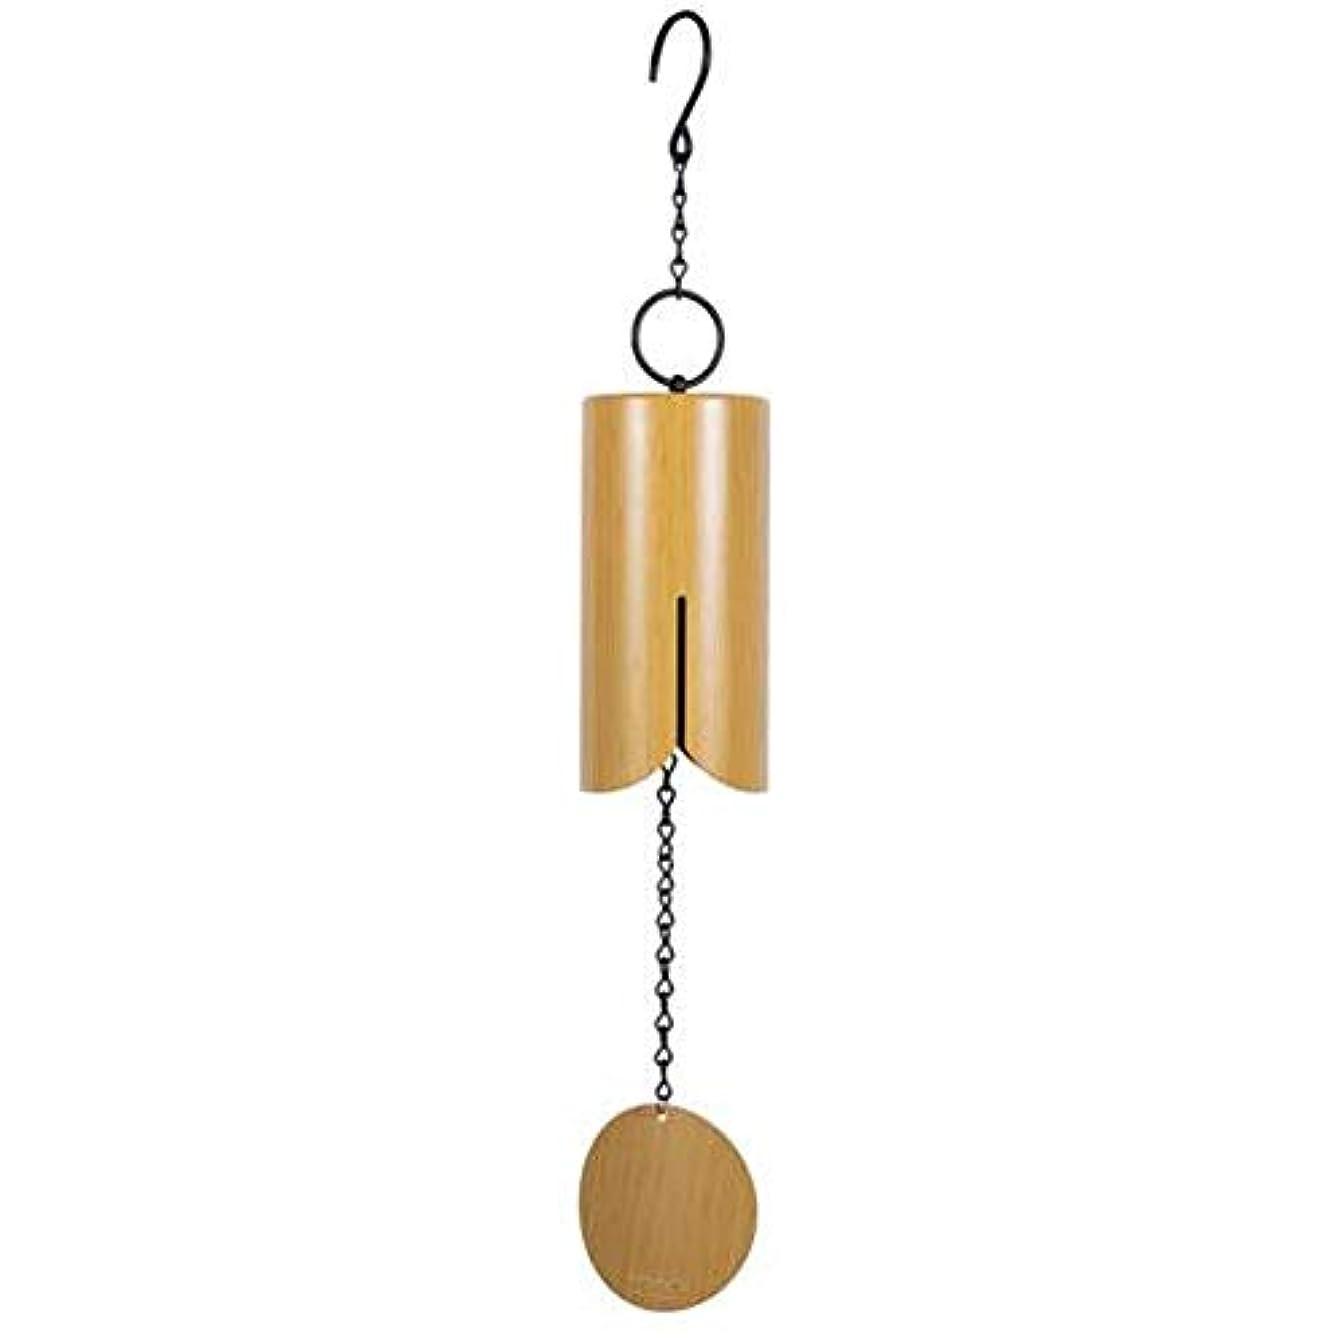 急性カヌー民兵Chengjinxiang 風チャイム、アイアンレトロクリエイティブ風の鐘、ブラック、全身について76センチメートル,クリエイティブギフト (Color : Natural)